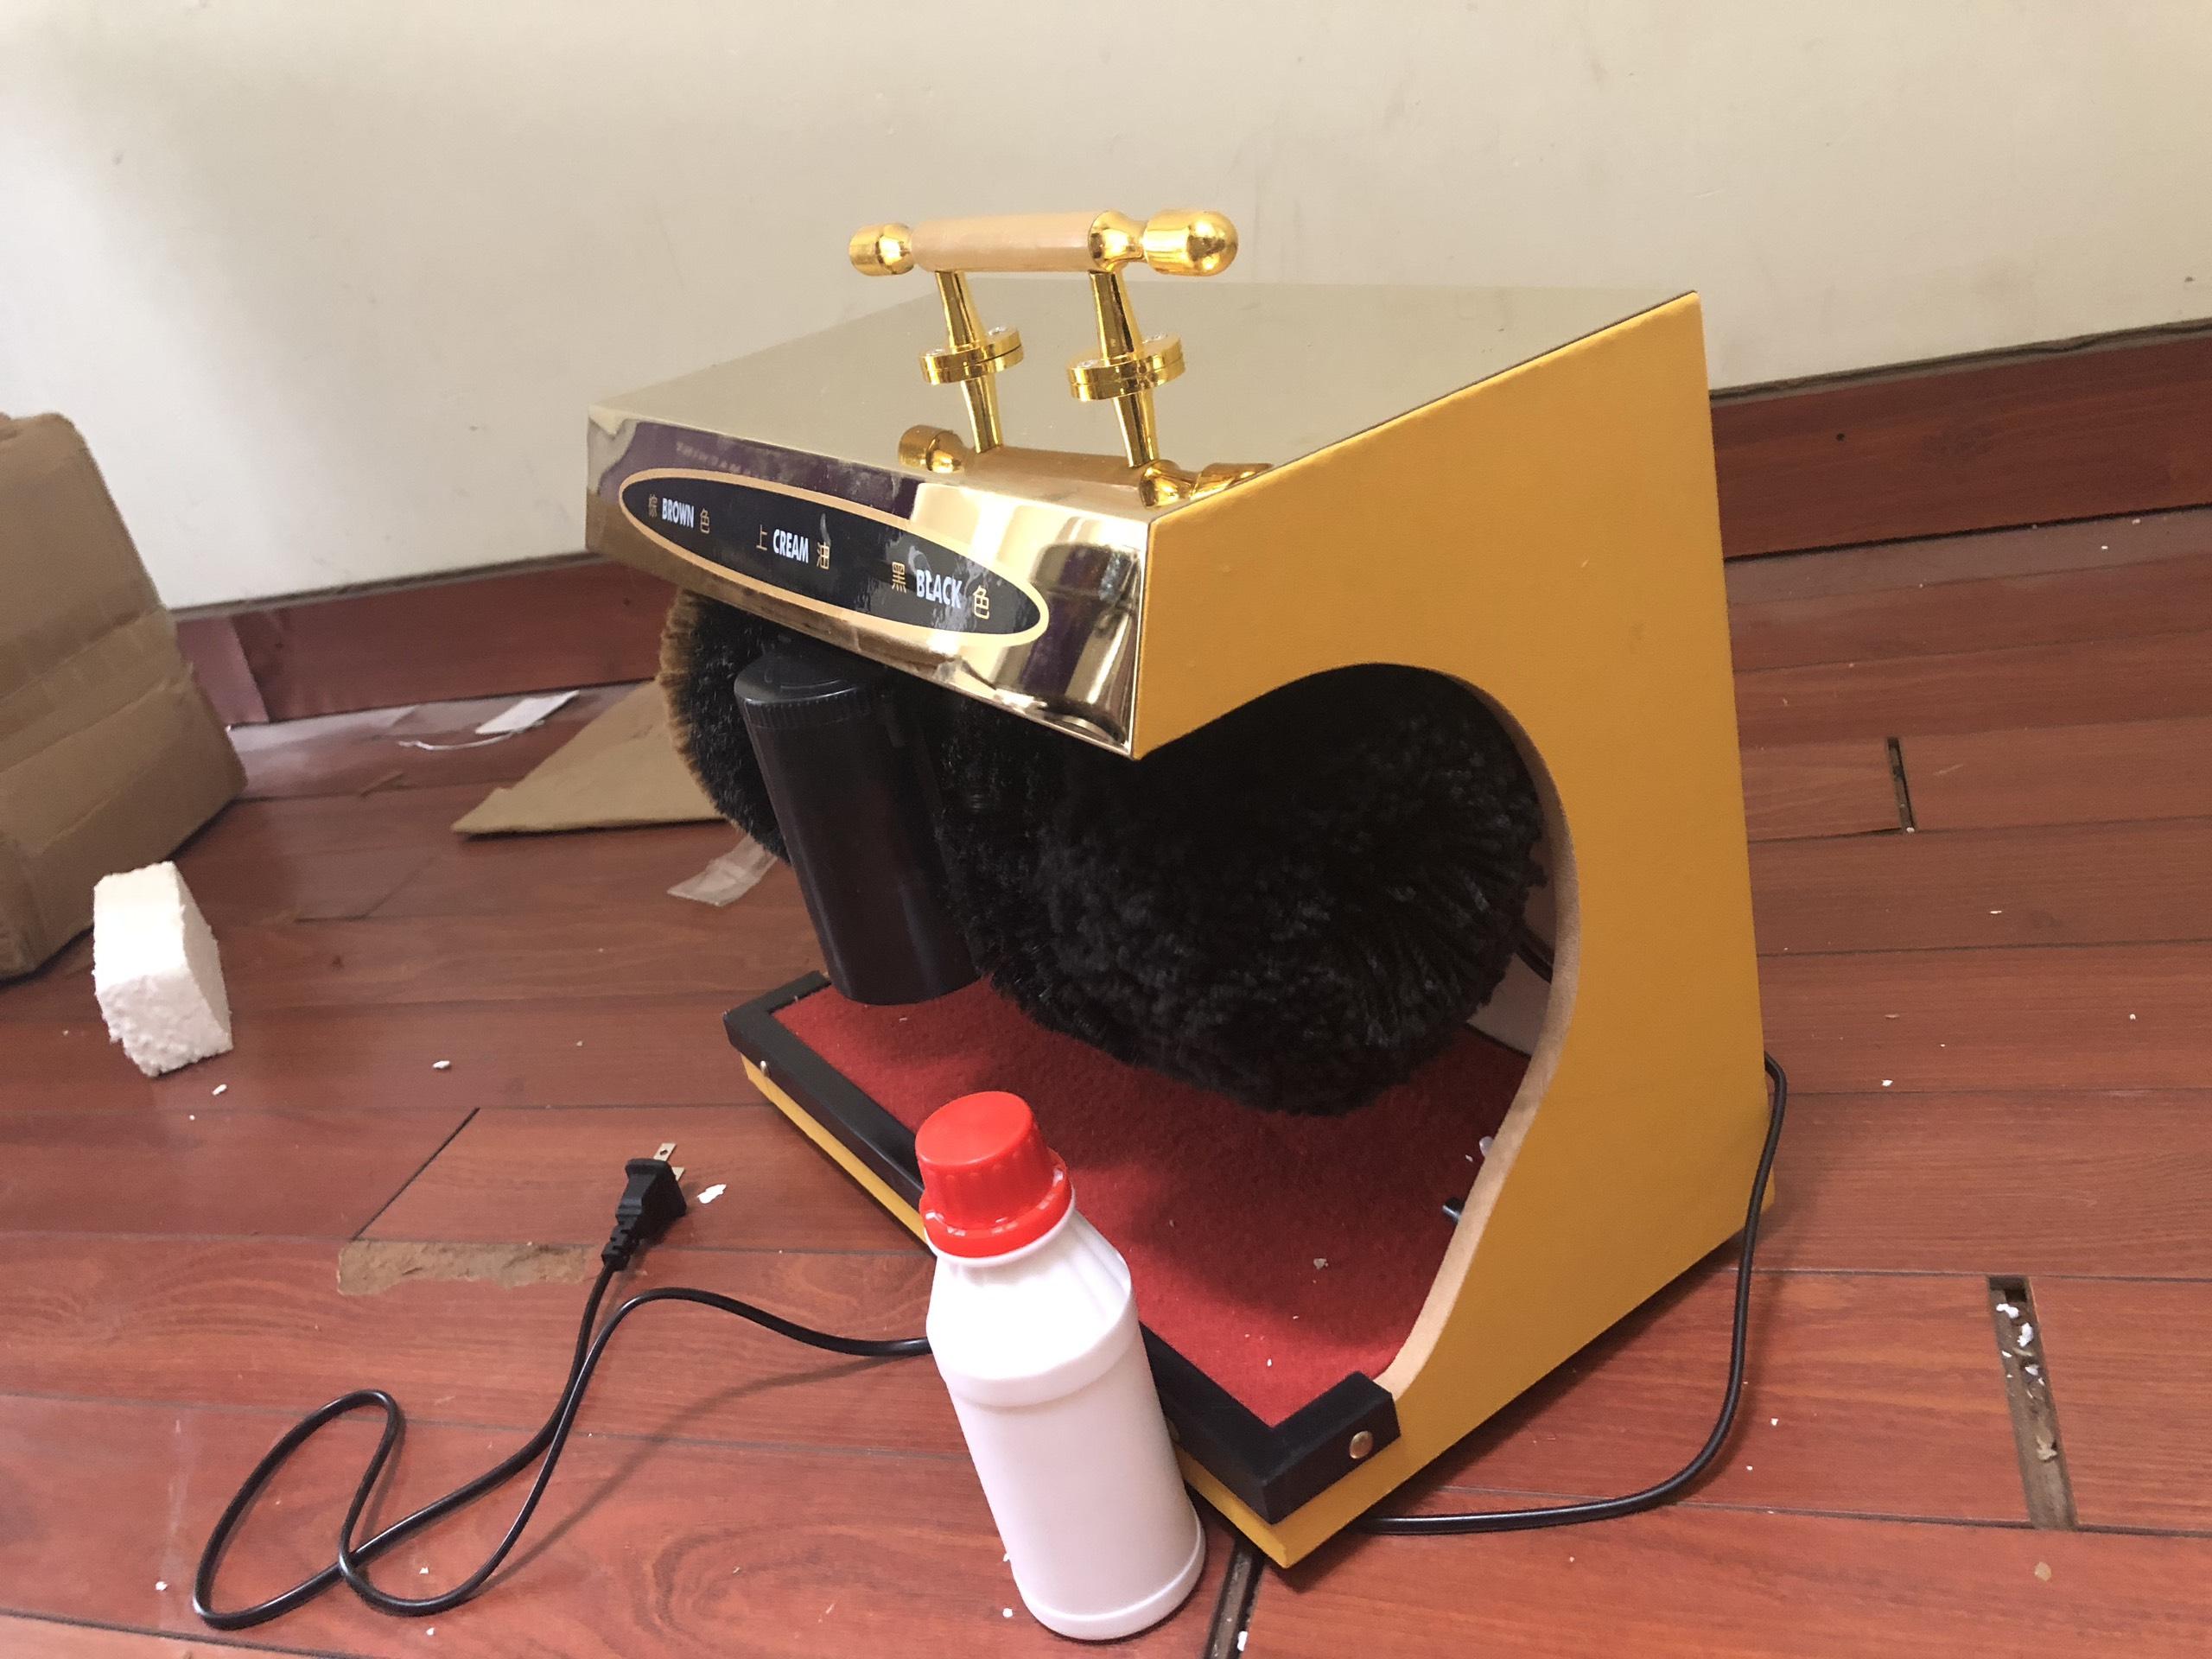 Máy đánh giầy shiny SHN-G4 chính hãng.